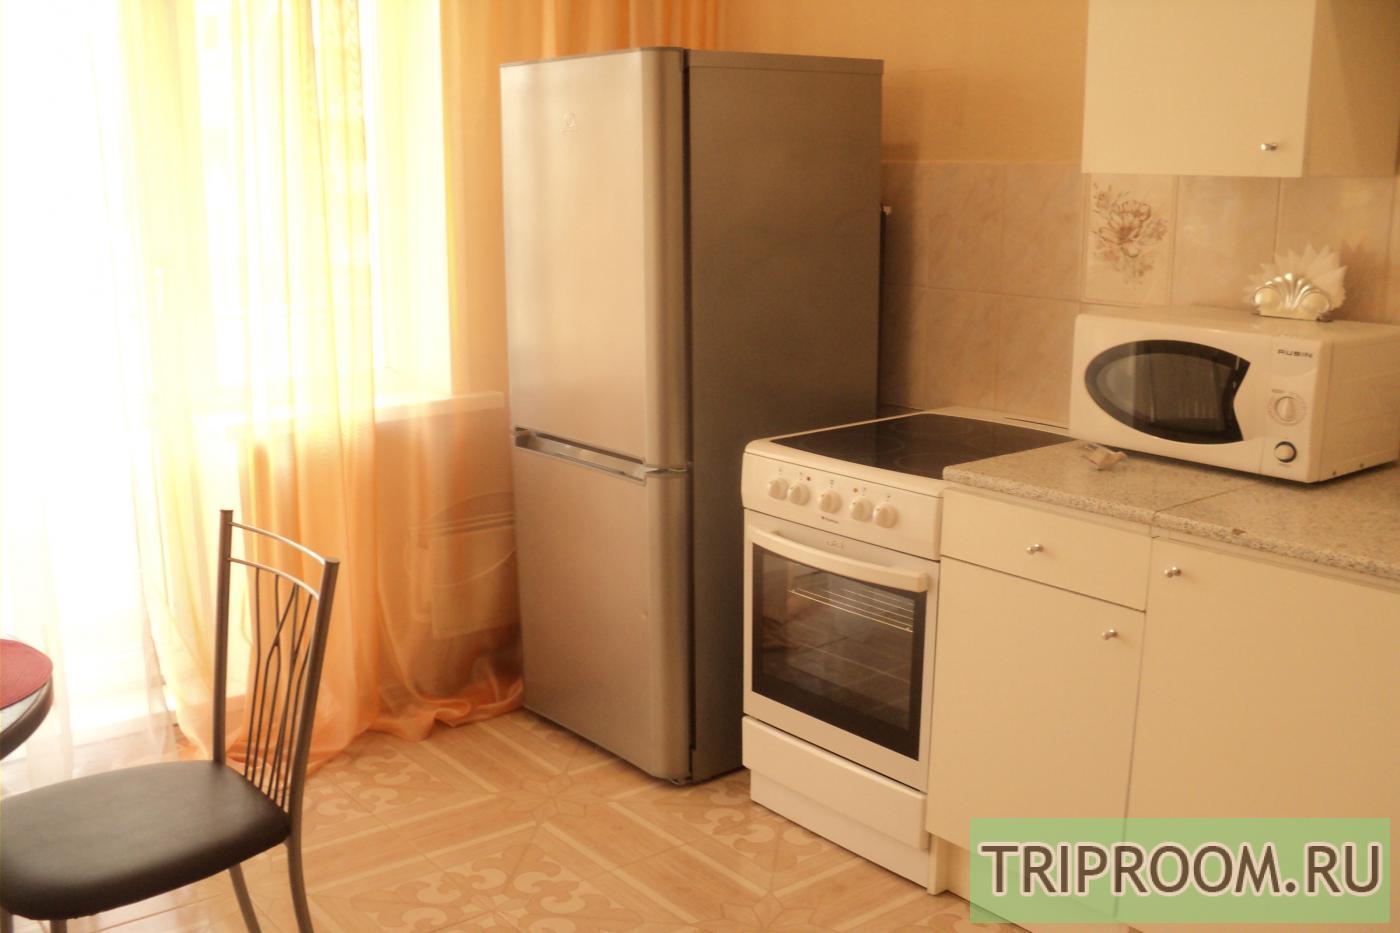 1-комнатная квартира посуточно (вариант № 5800), ул. Молокова улица, фото № 4